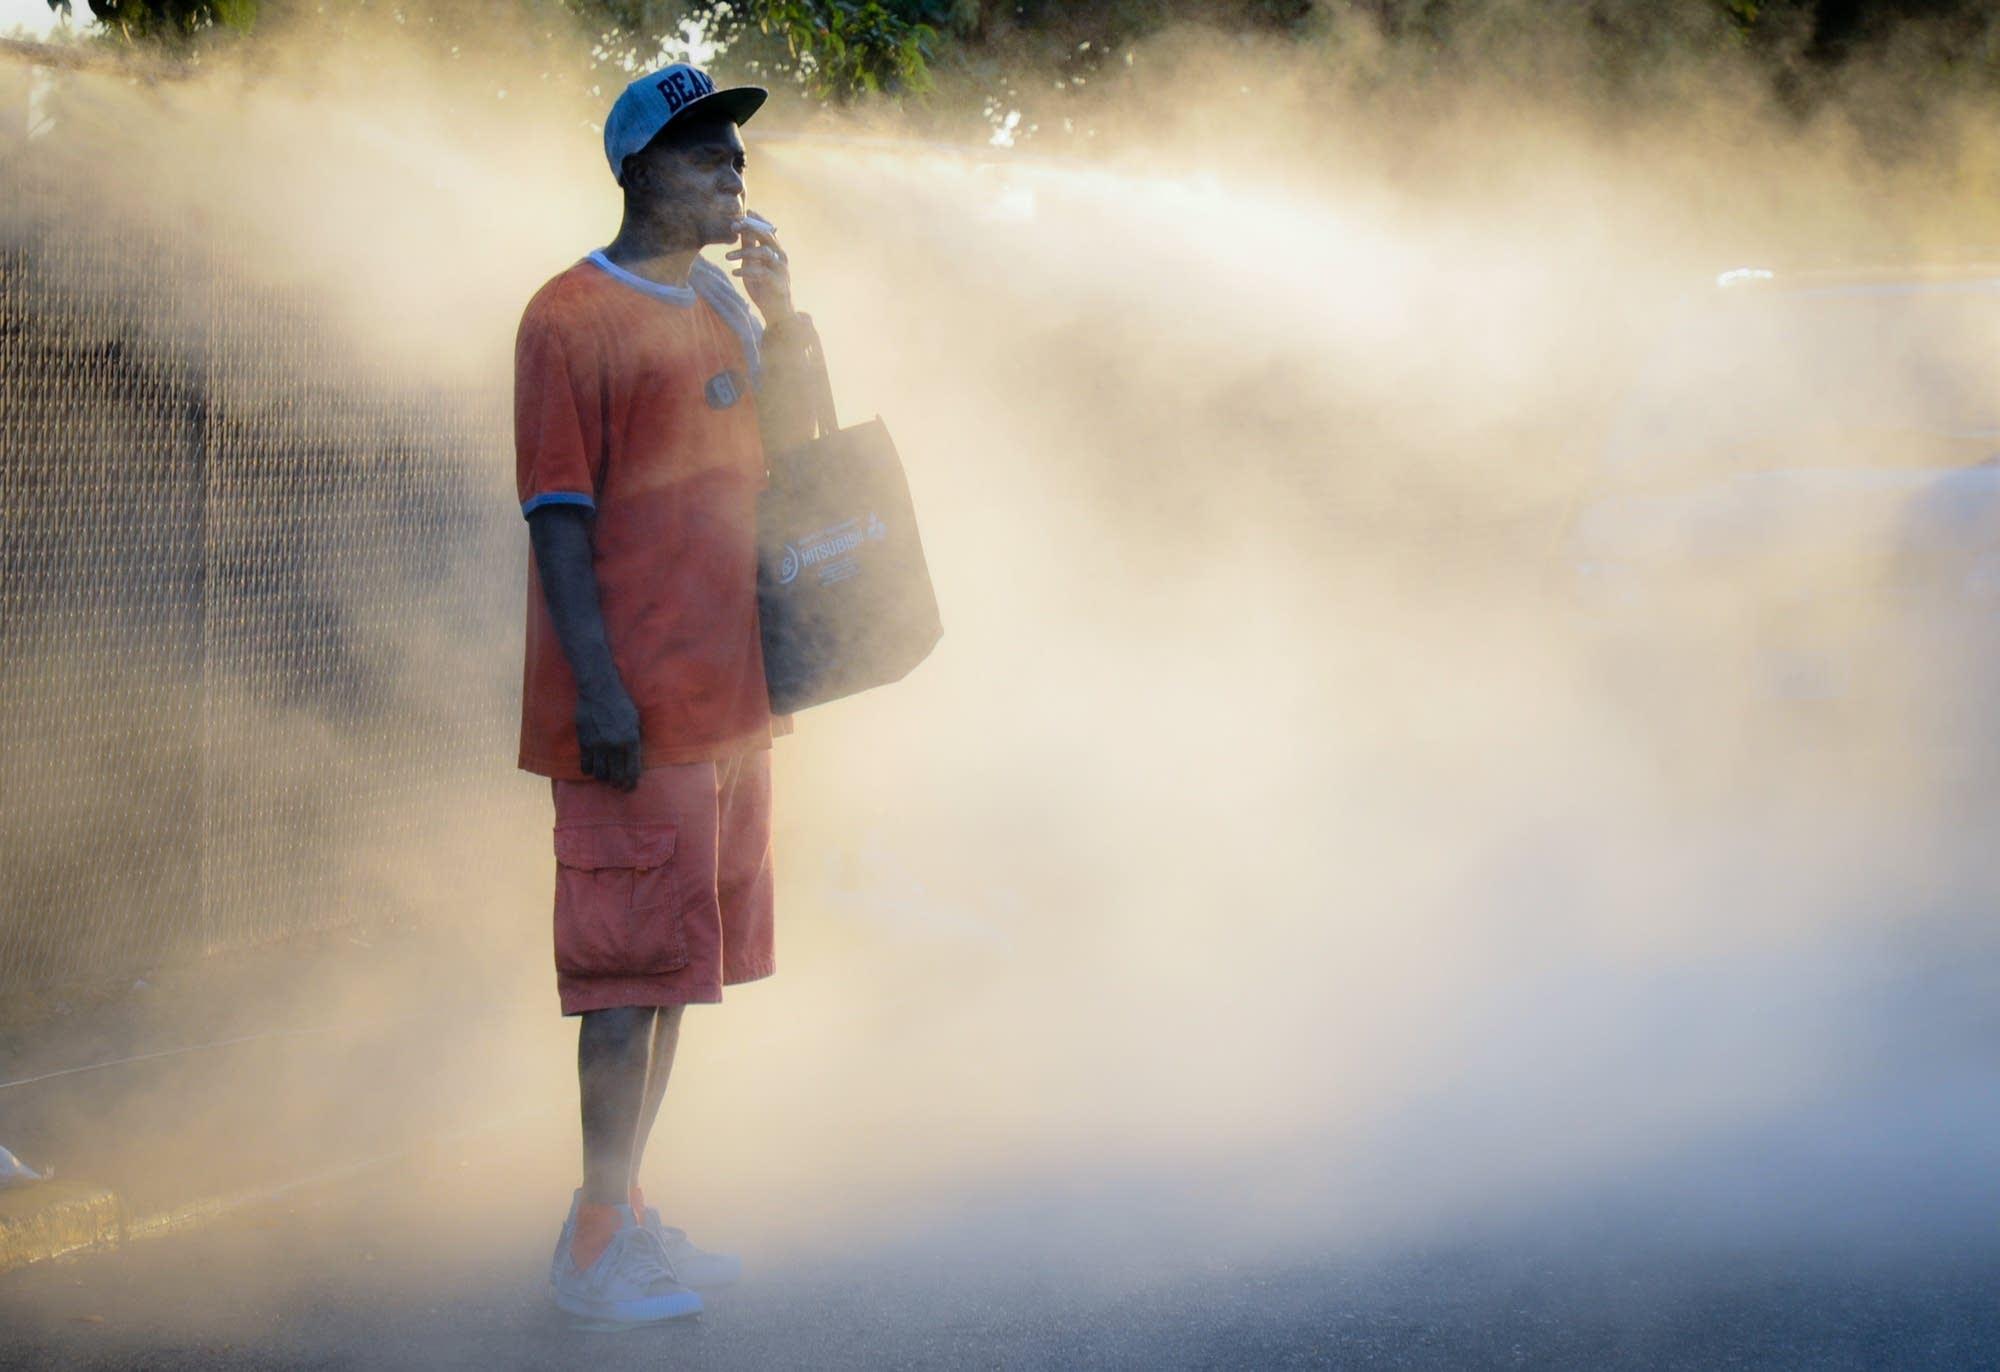 'Smokin' Hot,' 2013